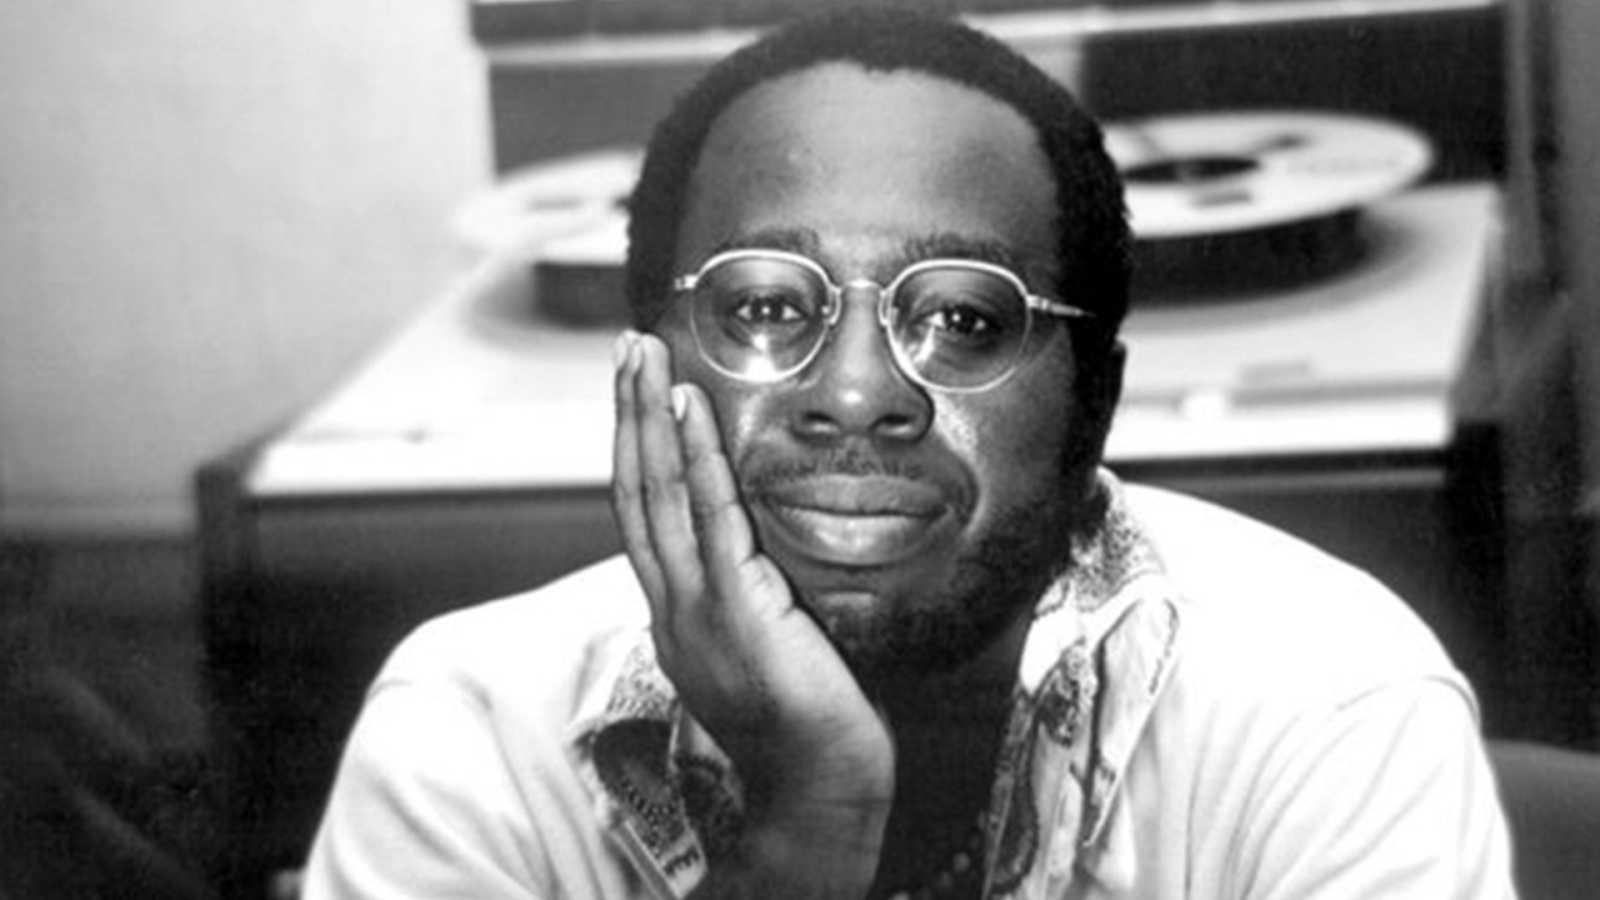 Retromanía - Libro... La vida de Curtis Mayfield - 01/06/20 - escuchar ahora